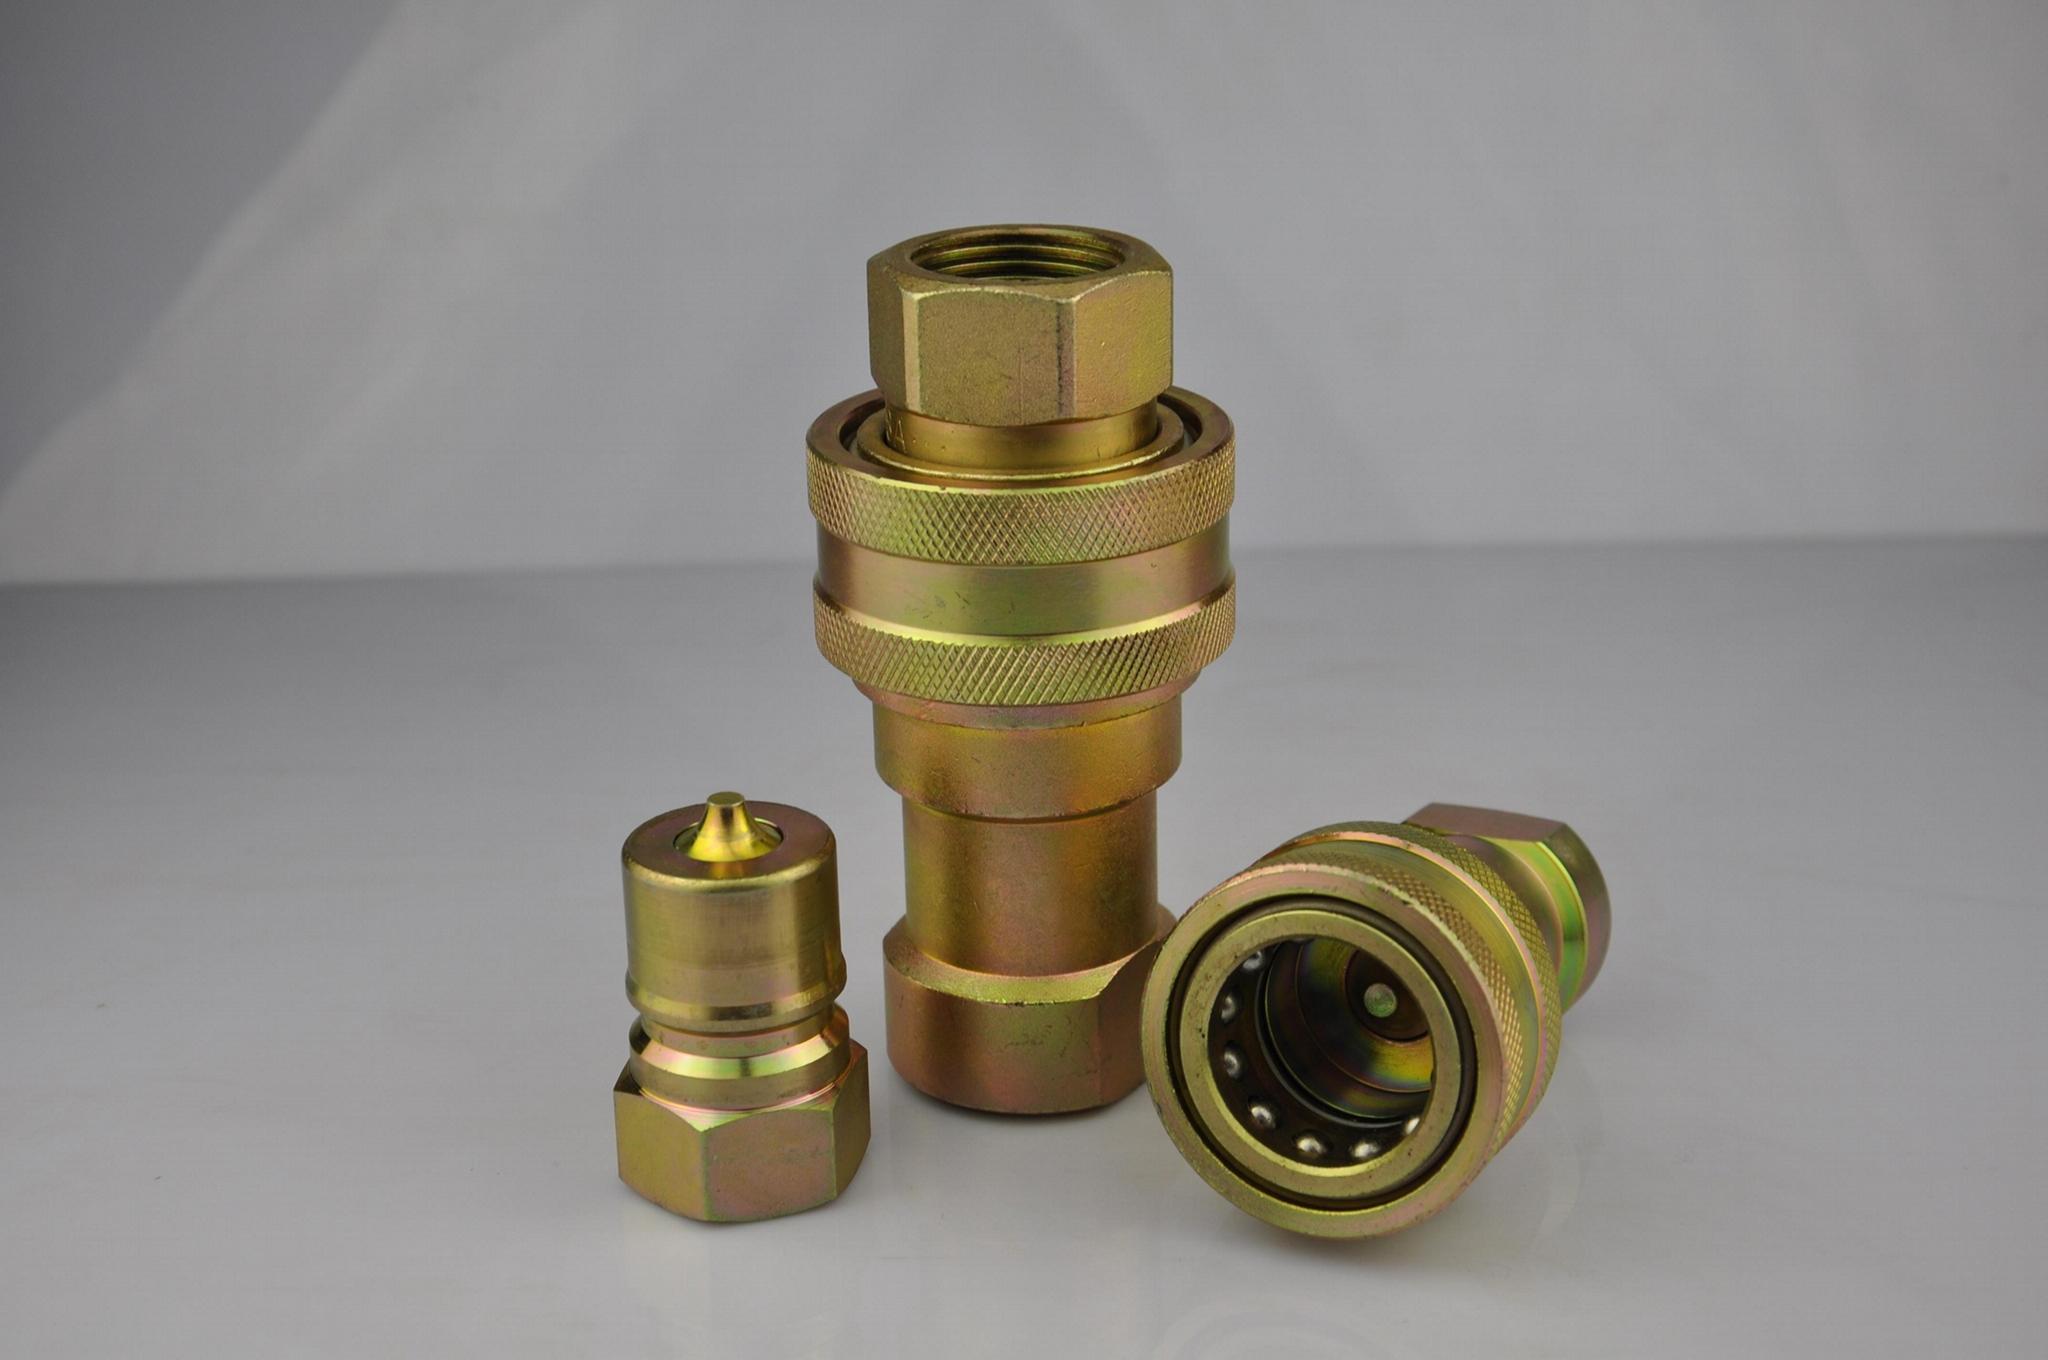 C式气动快速接头自锁氧气管空压机气泵配件风炮管公母快插 2